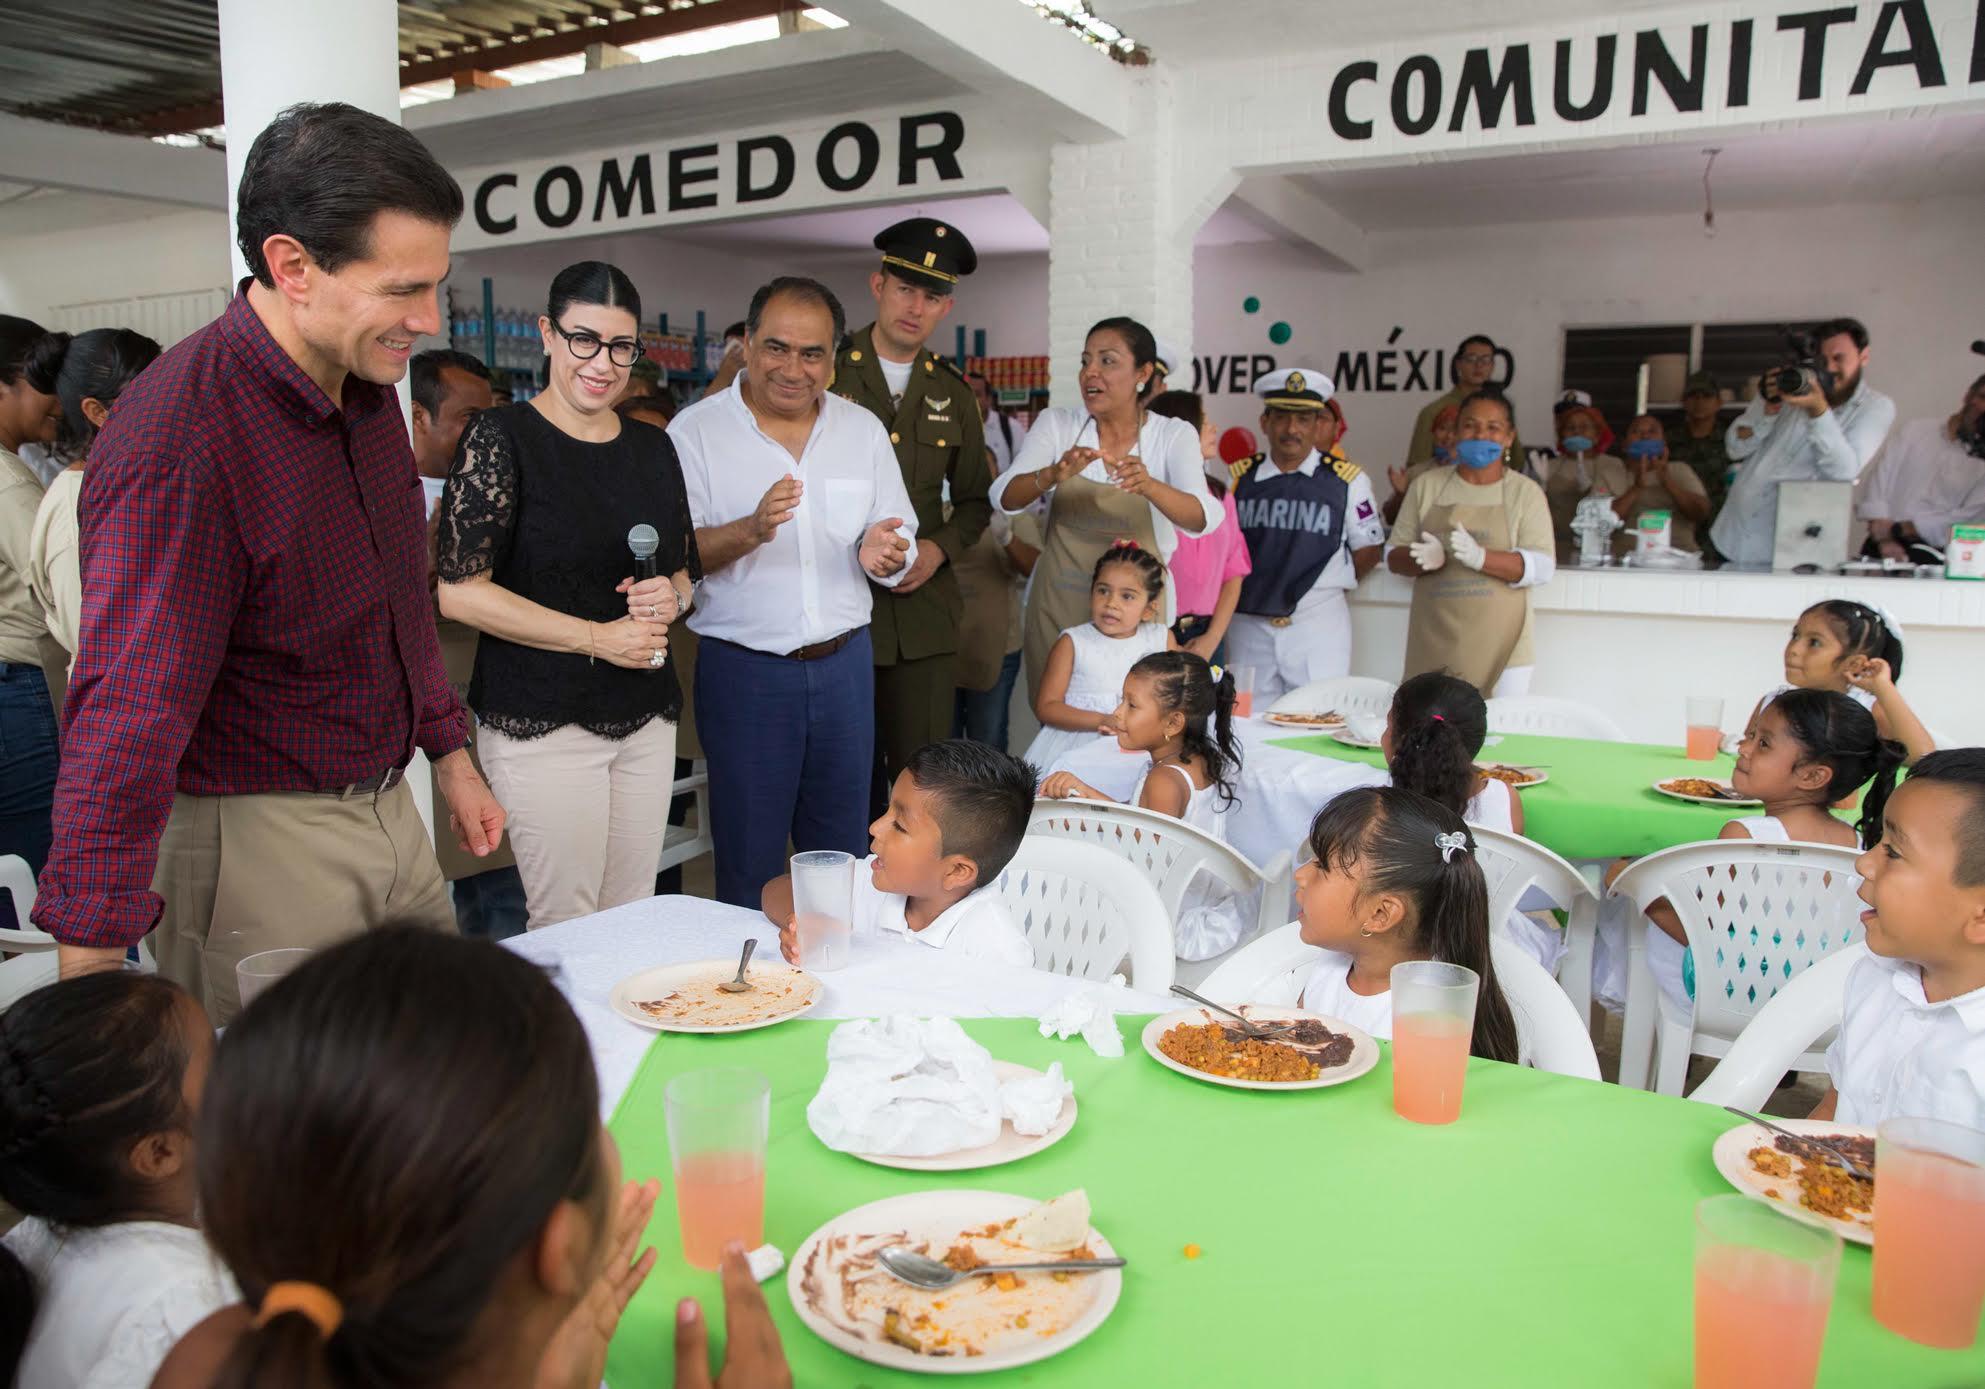 El Primer Mandatario convive con los niños que asisten a comer en uno de los comedores comunitarios de Guerrero.